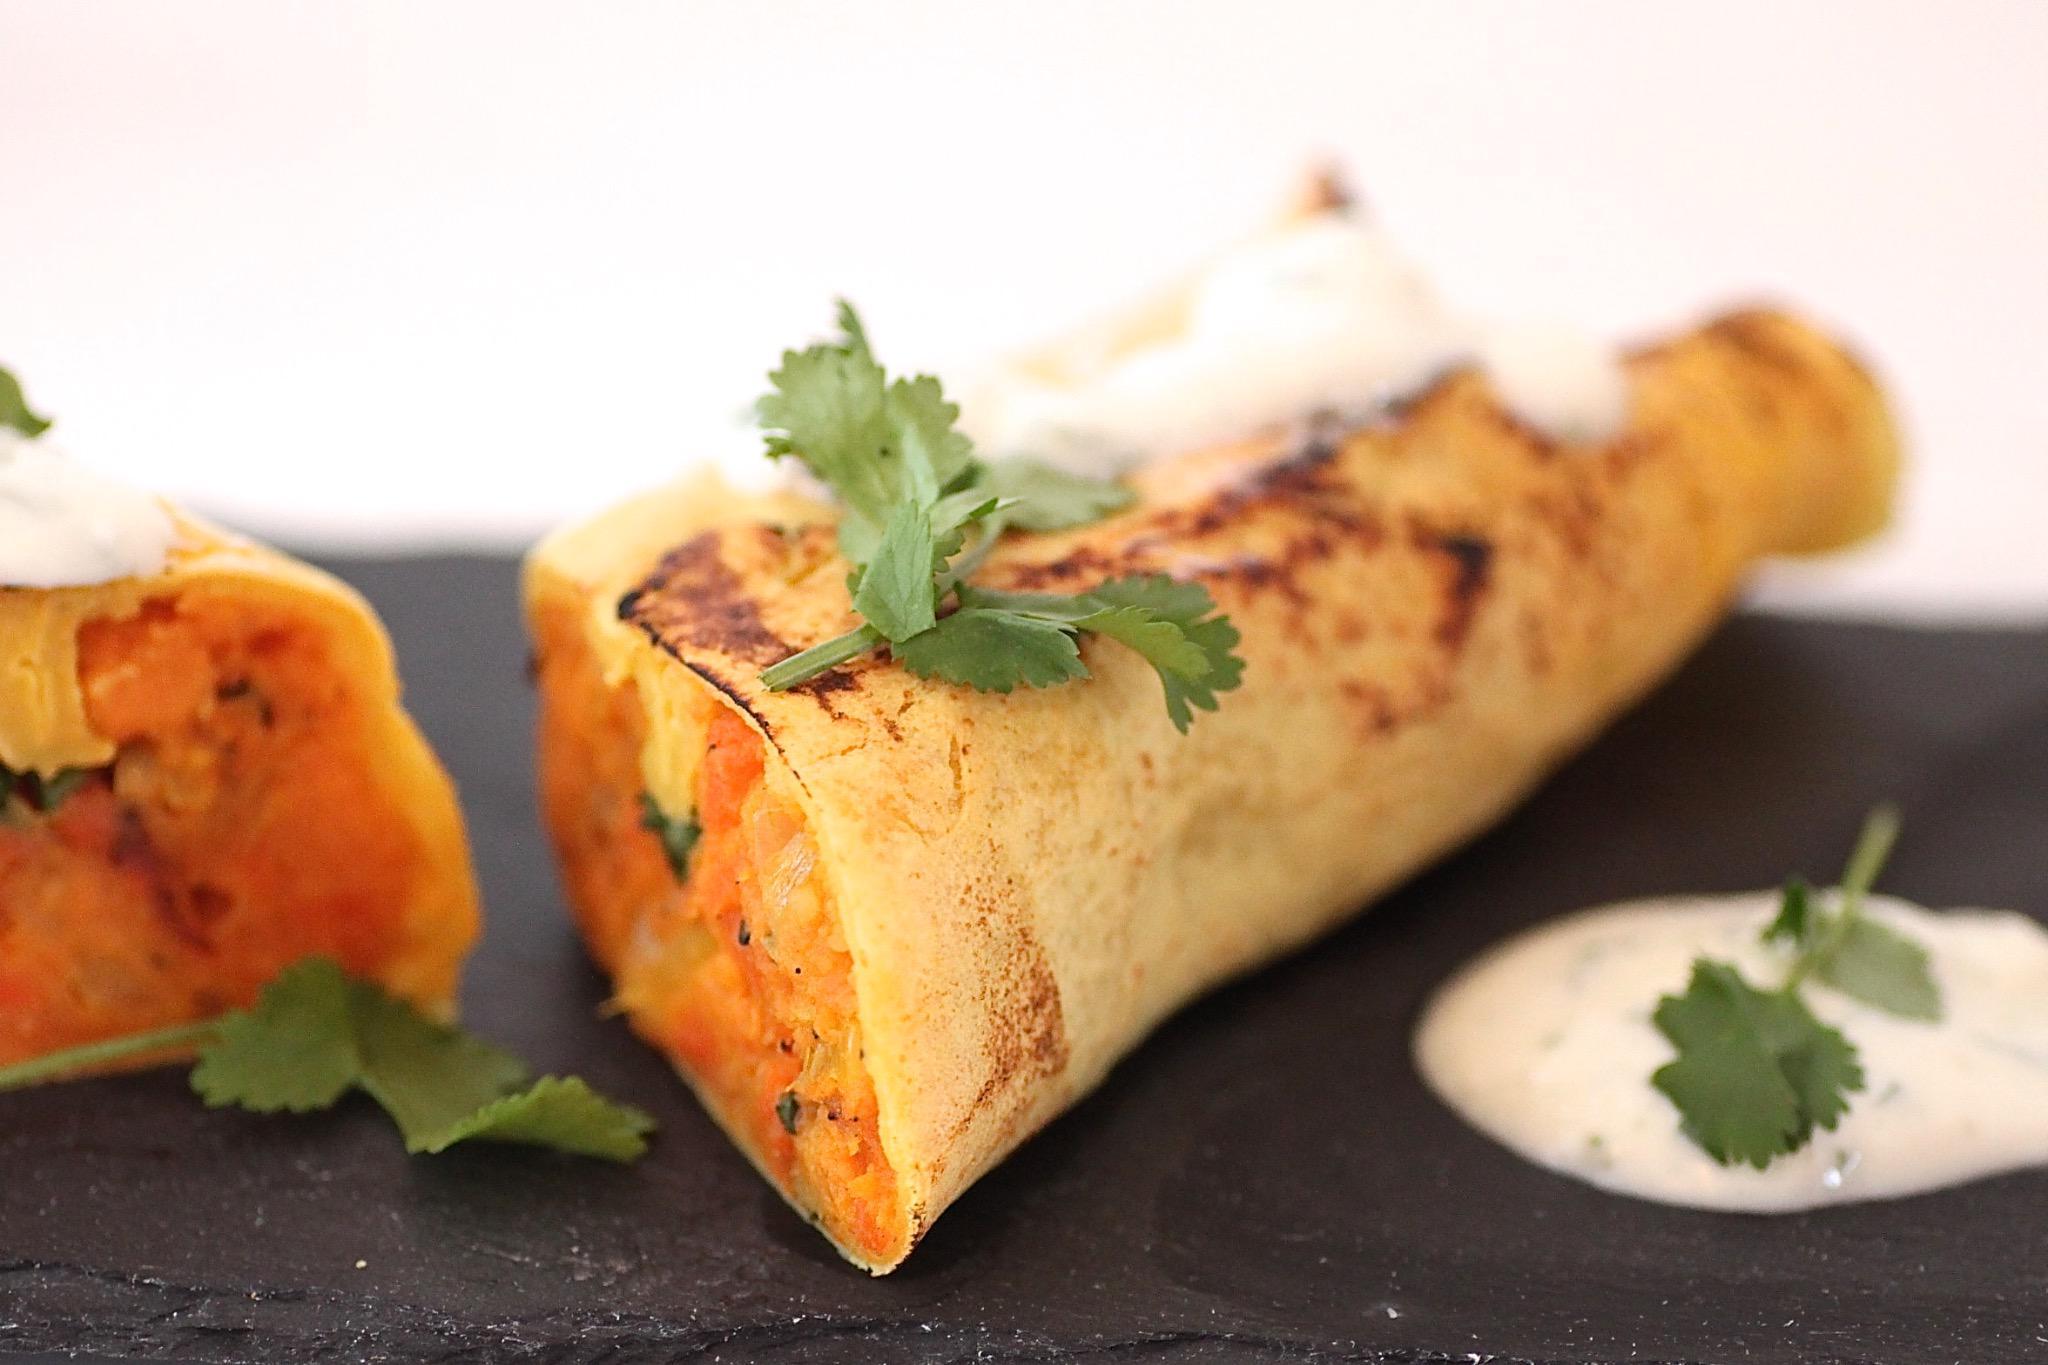 Lust auf indische #Pfannkuchen? Dann hab ich das perfekte #Rezept für euch! #kochen #recipeoftheday #recipes #food http://t.co/e9f0wFgeq2